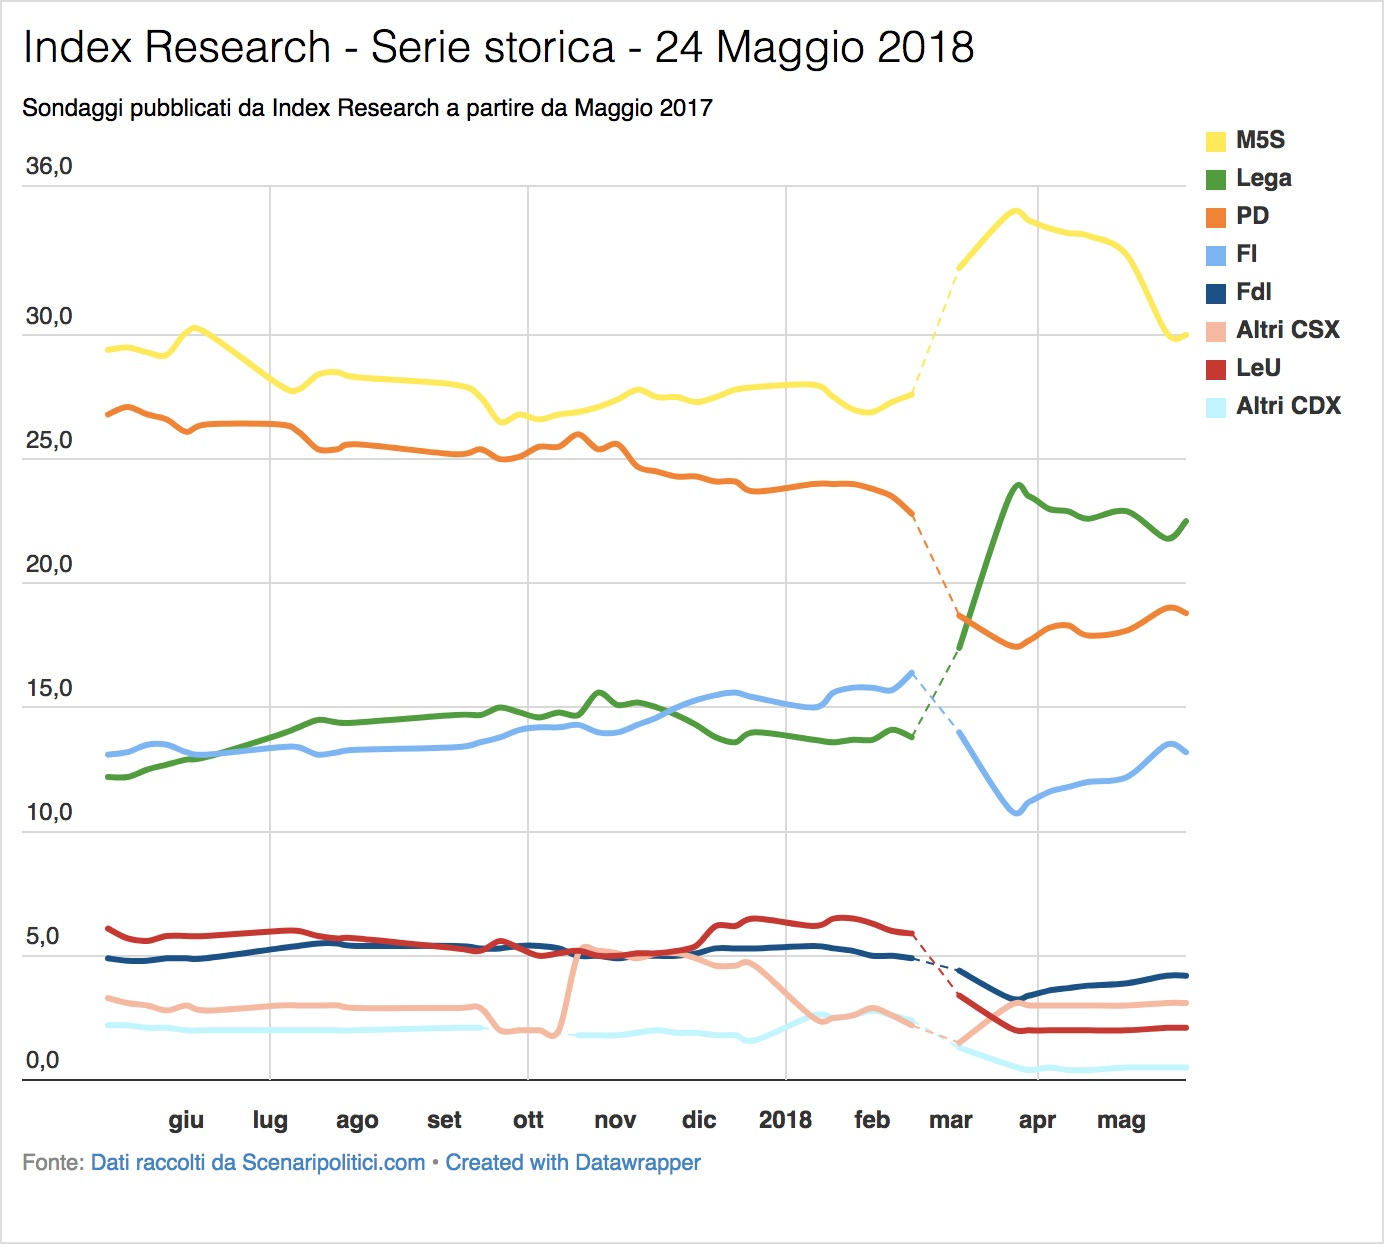 Sondaggio Index Research (24 Maggio 2018)